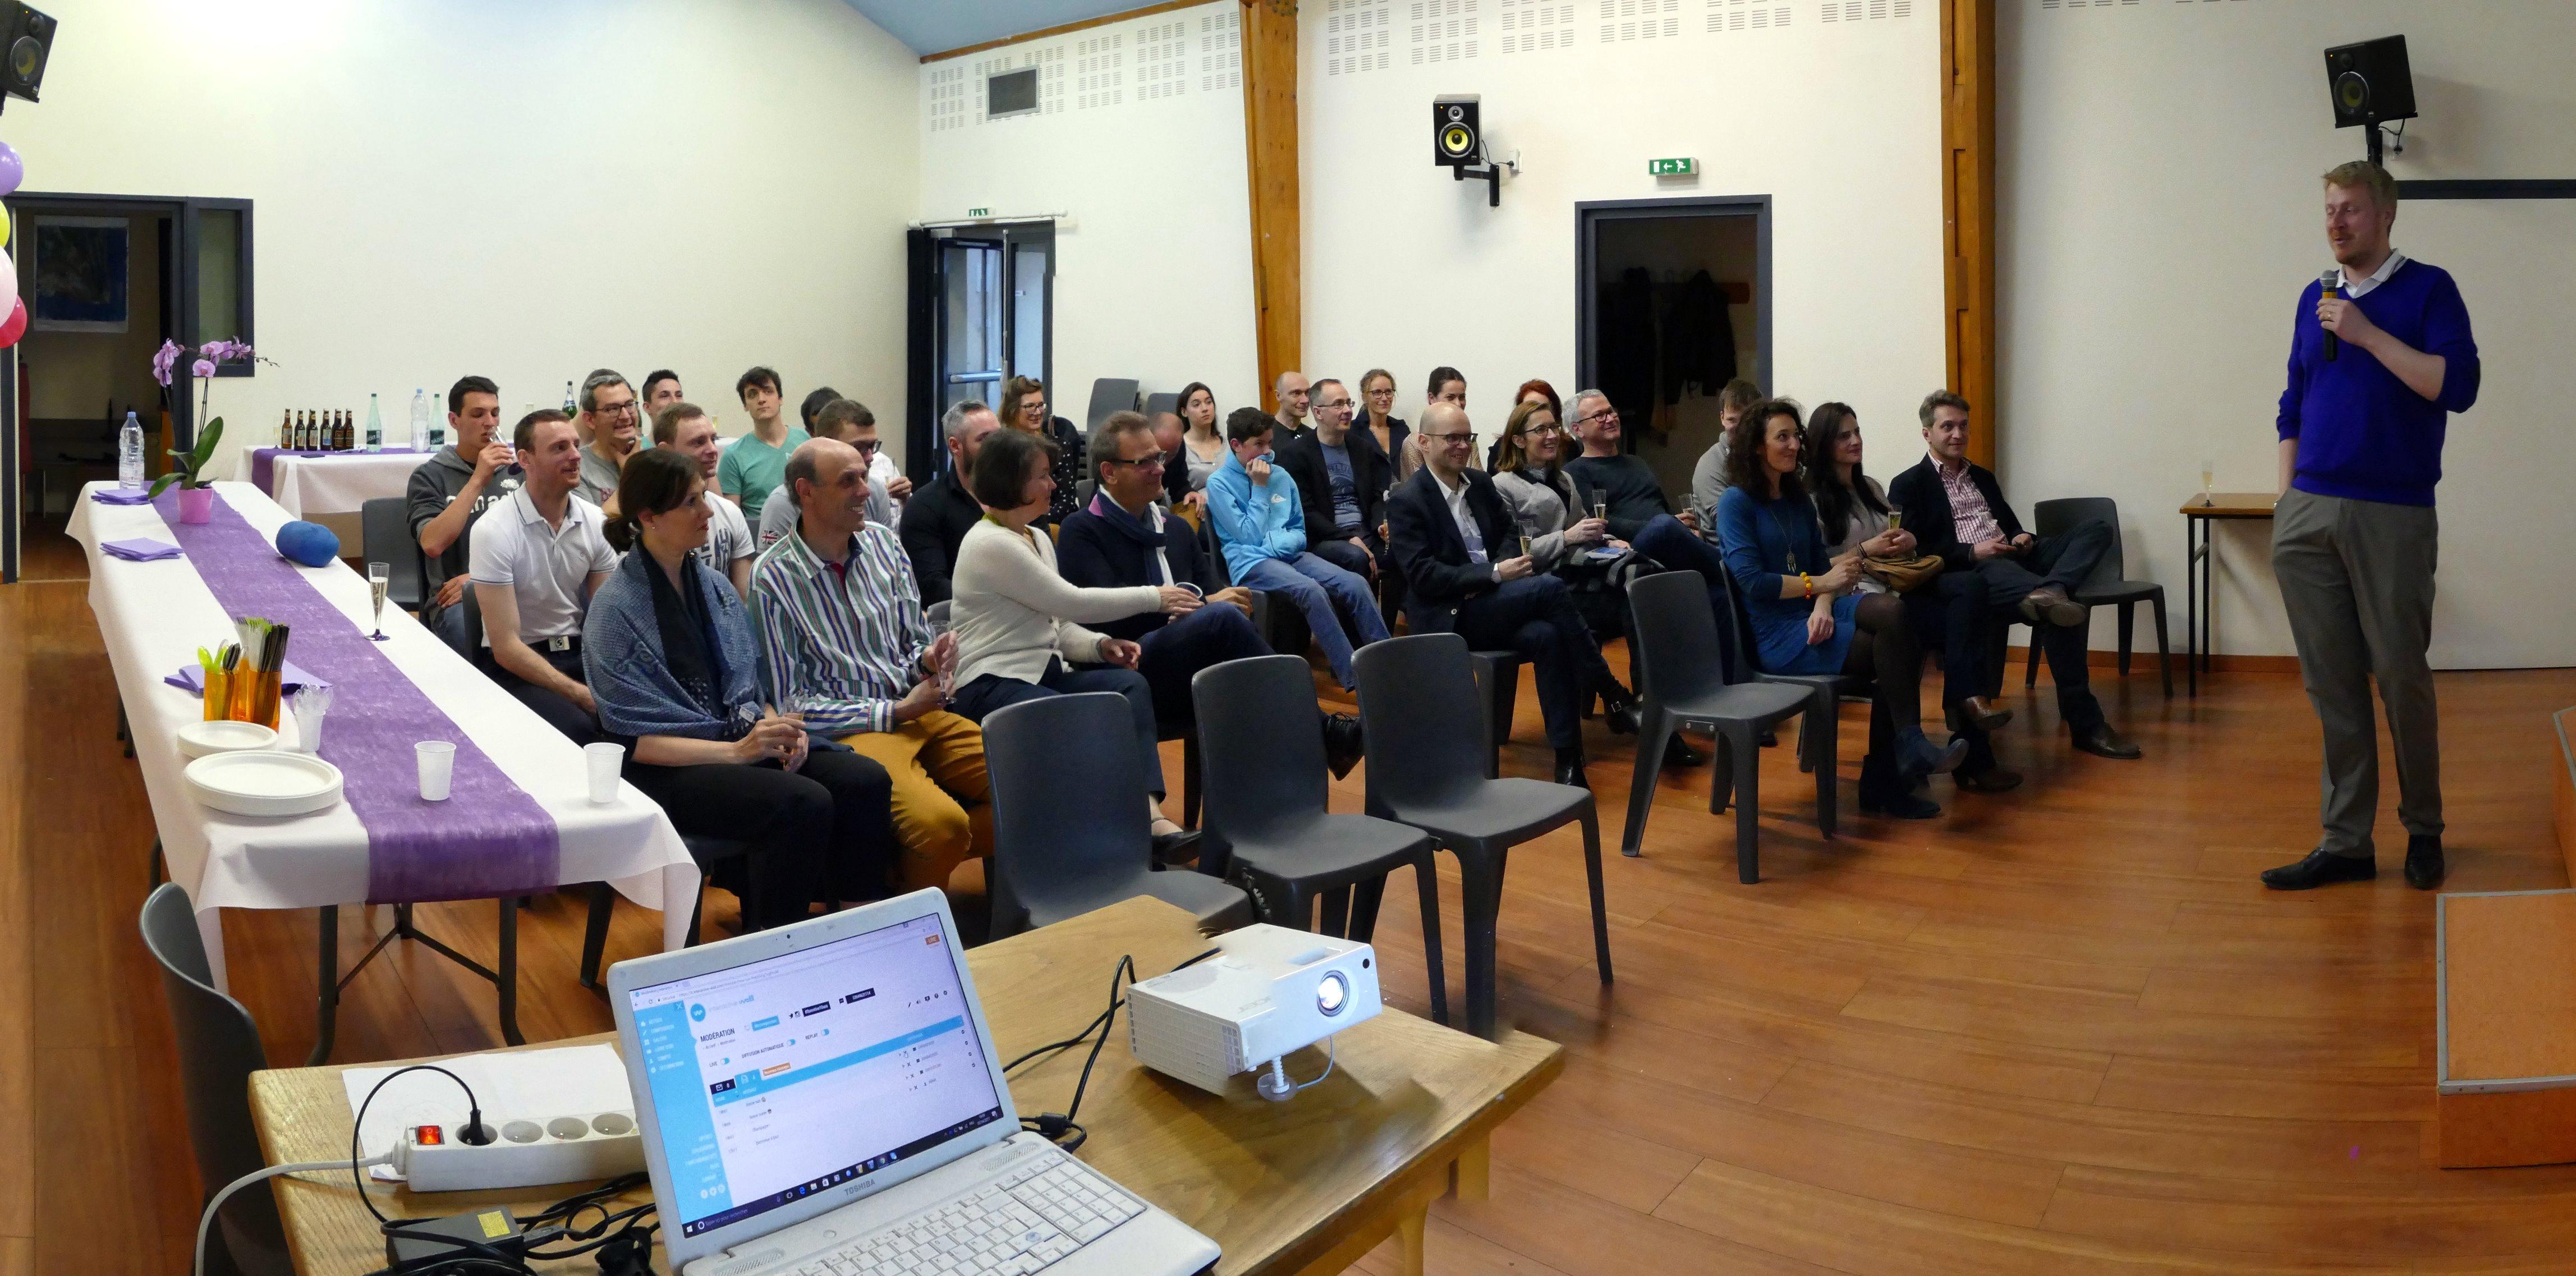 Associés et entreprises se retrouvent pour fêter les 10 ans de la Financière Florentine